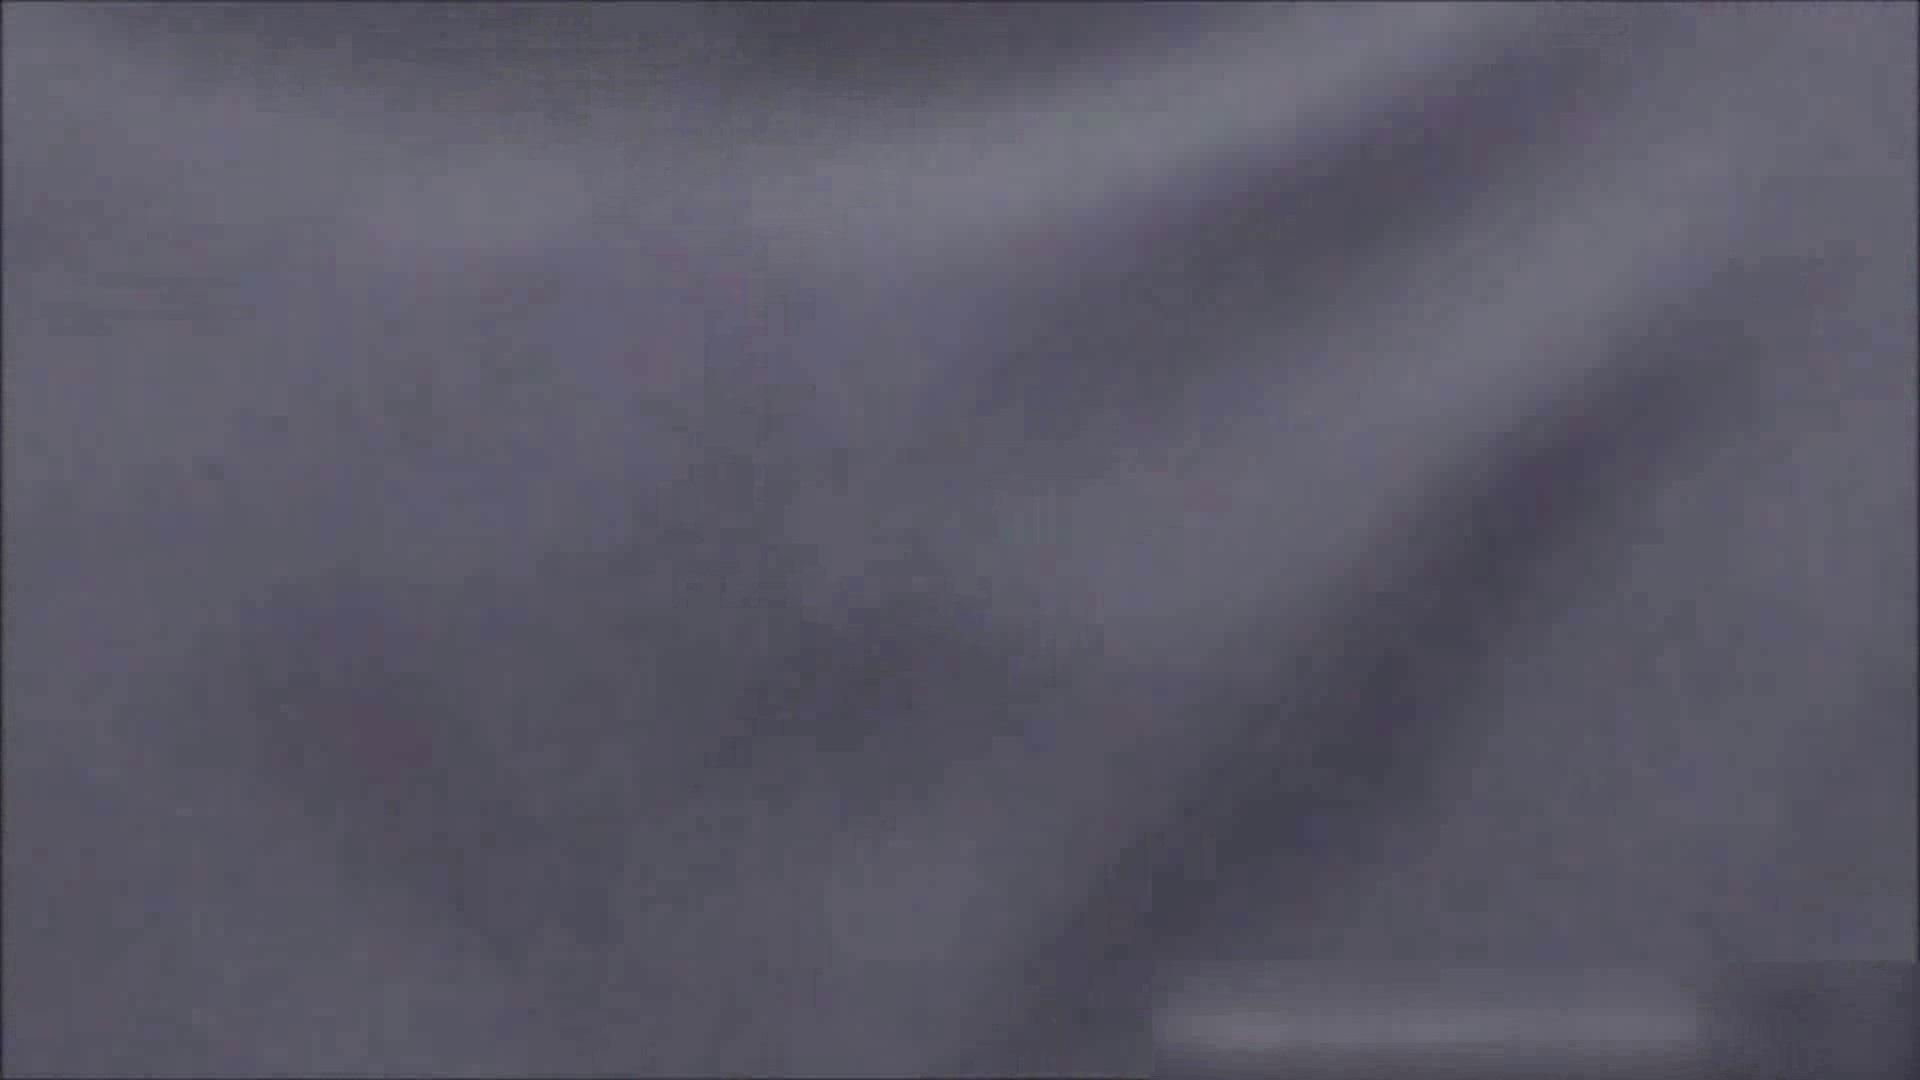 洗面所盗撮~隣の美人お姉さんVol.20 ギャルの実態 隠し撮りセックス画像 95pic 95